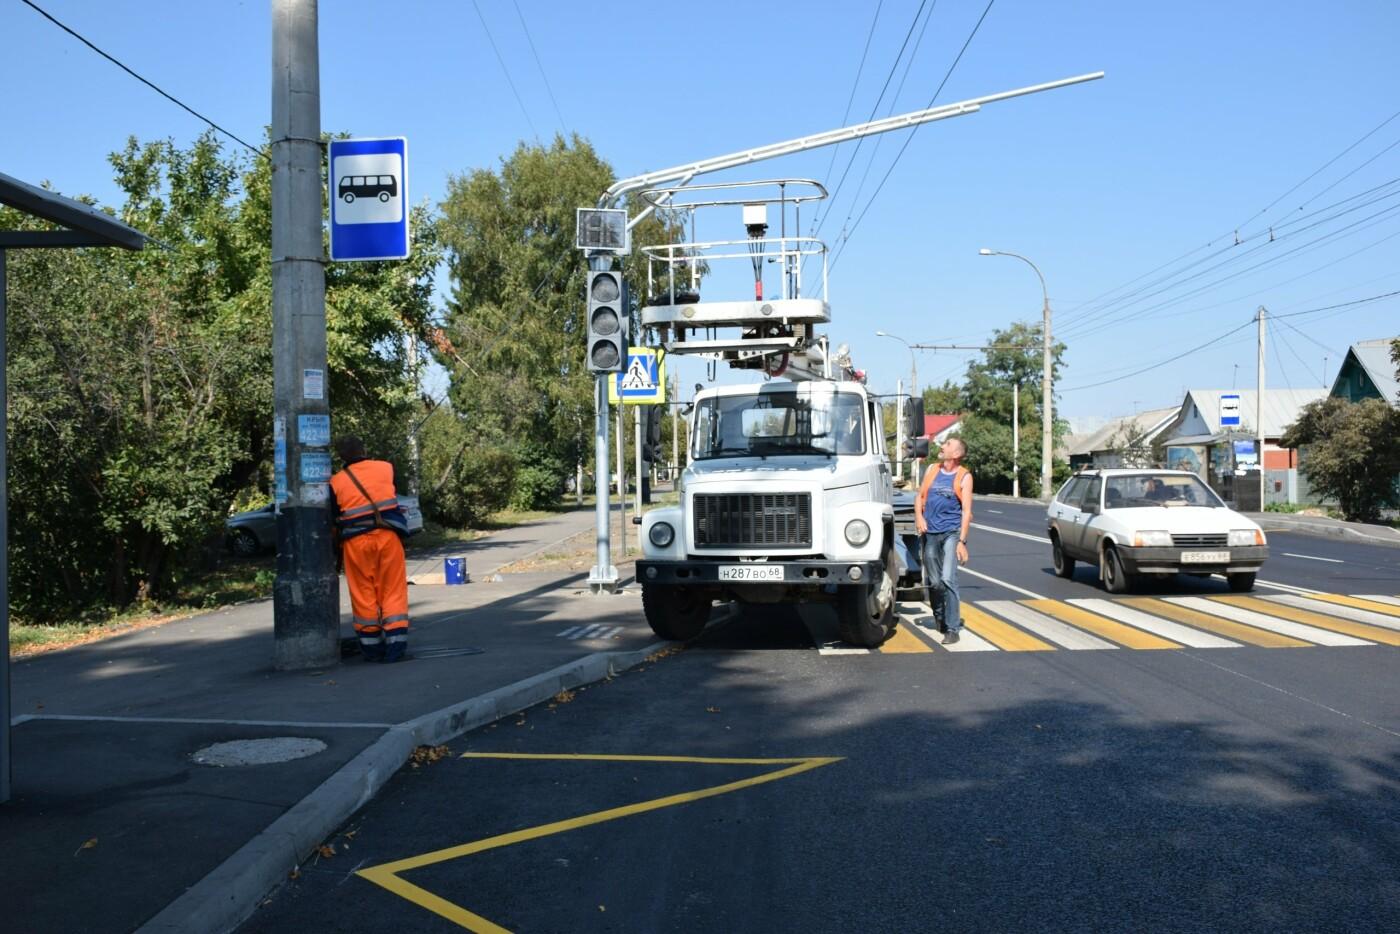 В Тамбове на улице Авиационной устанавливают новый светофор, фото-5